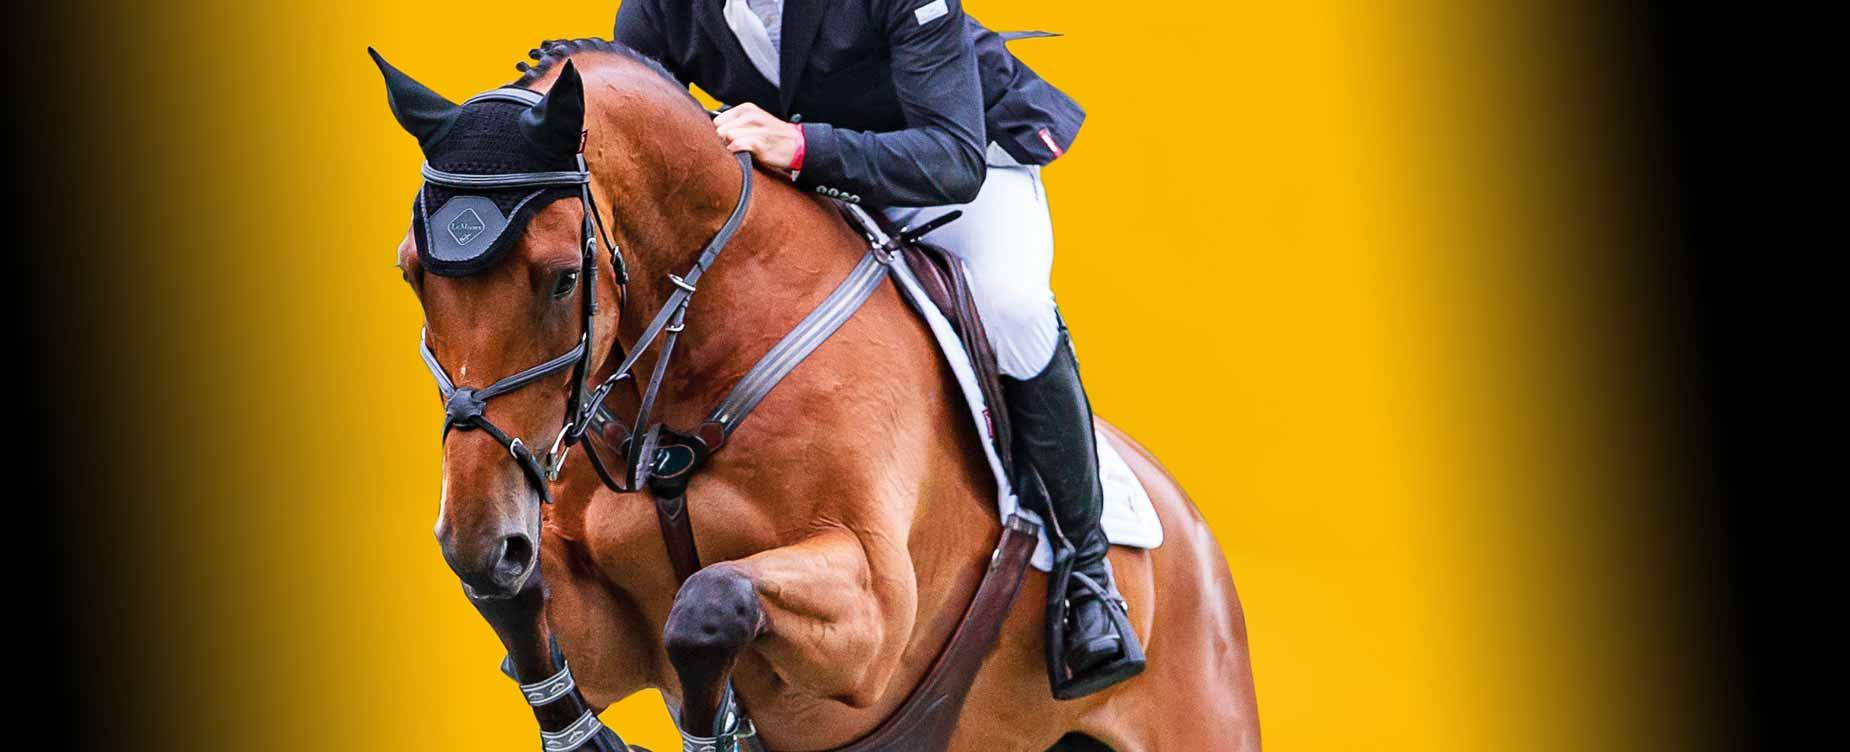 Ons doel is toegevoegde waarde te creëren voor uw sportpaard.